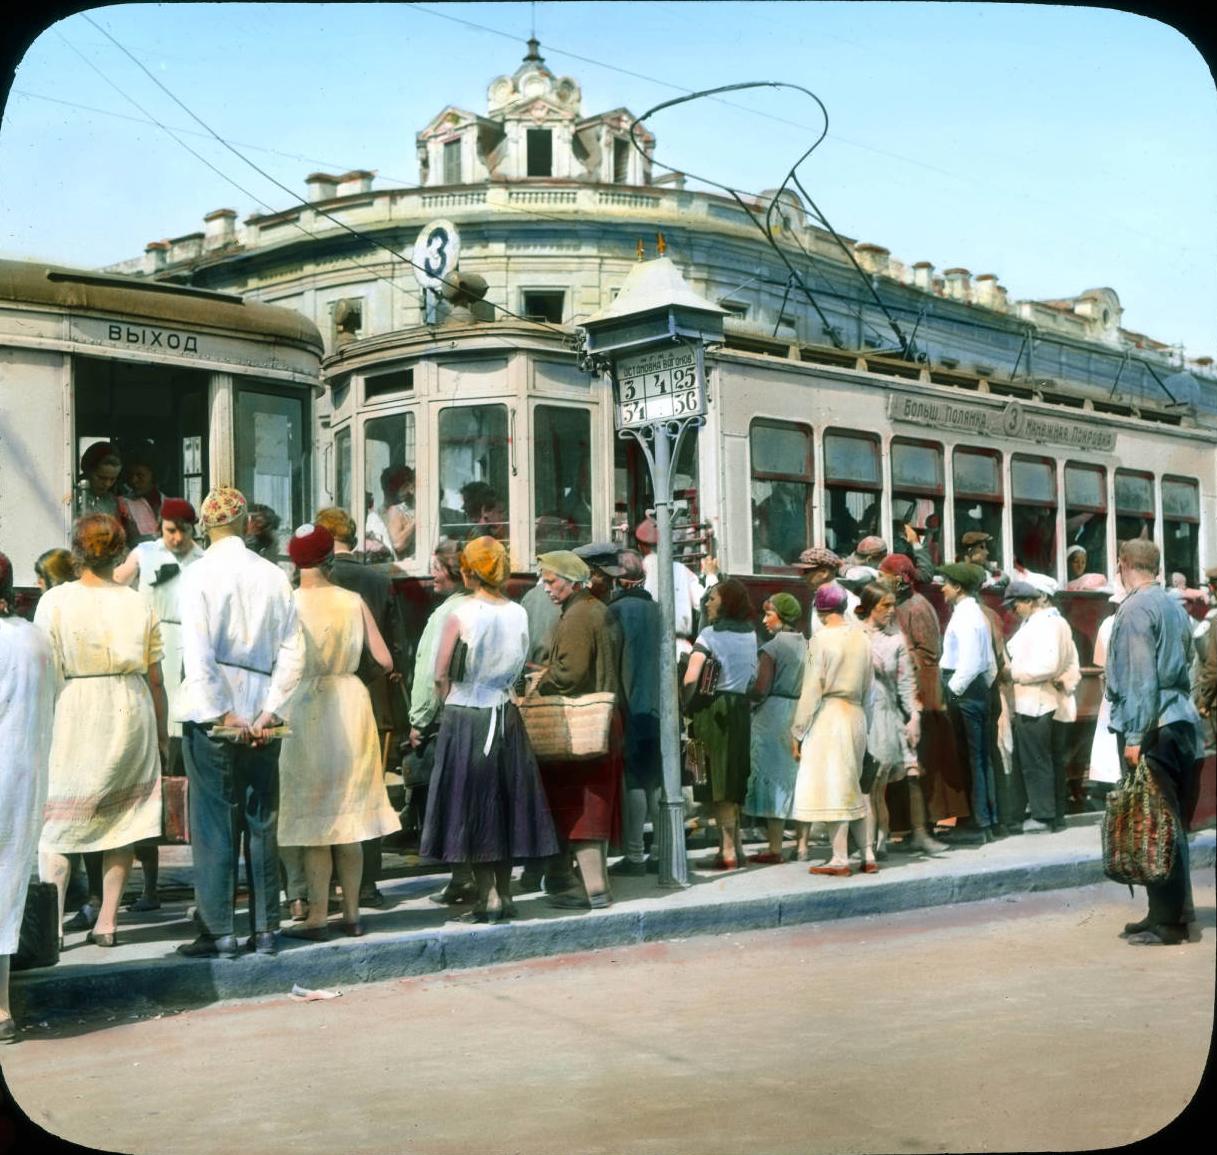 Москва. Уличная сцена, толпа людей на трамвайной остановке